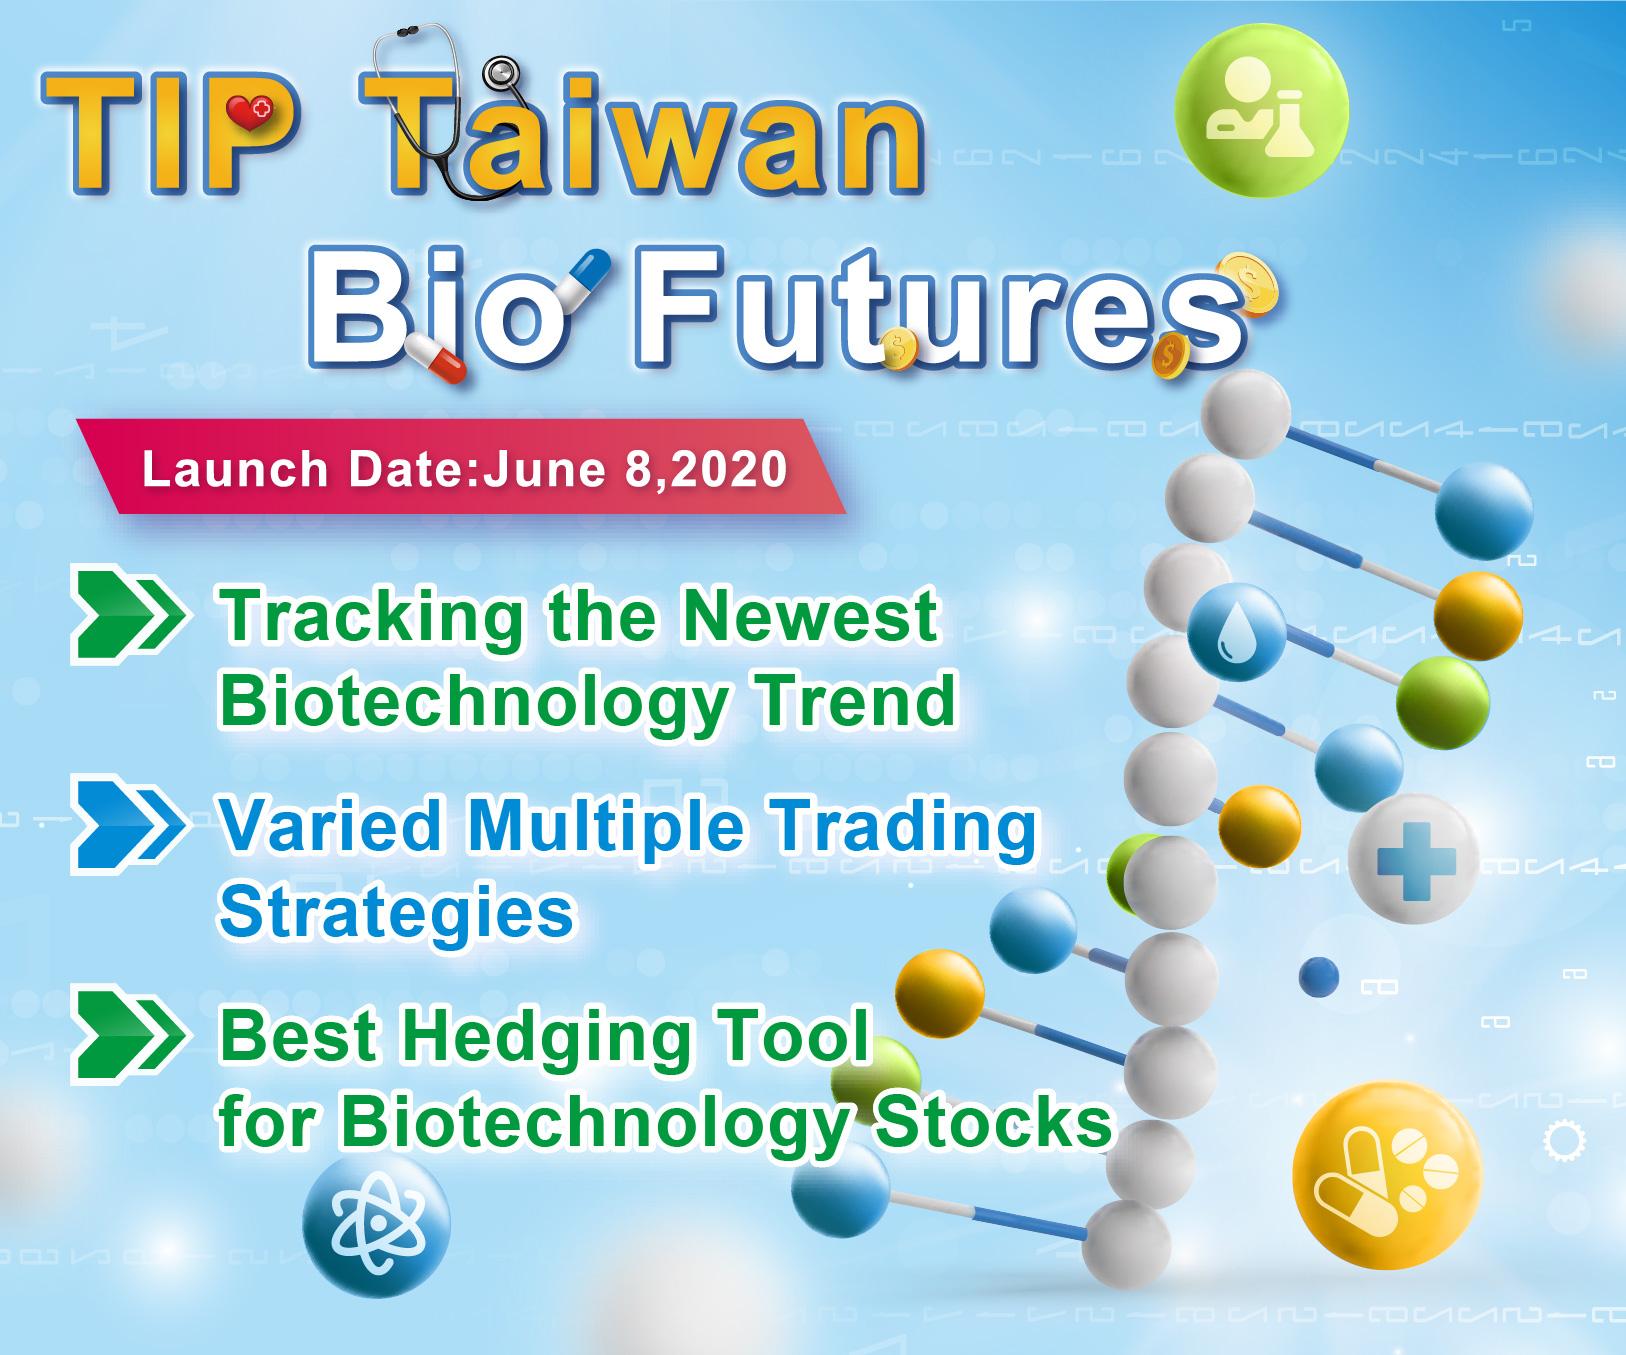 TIP Taiwan Bio Futures